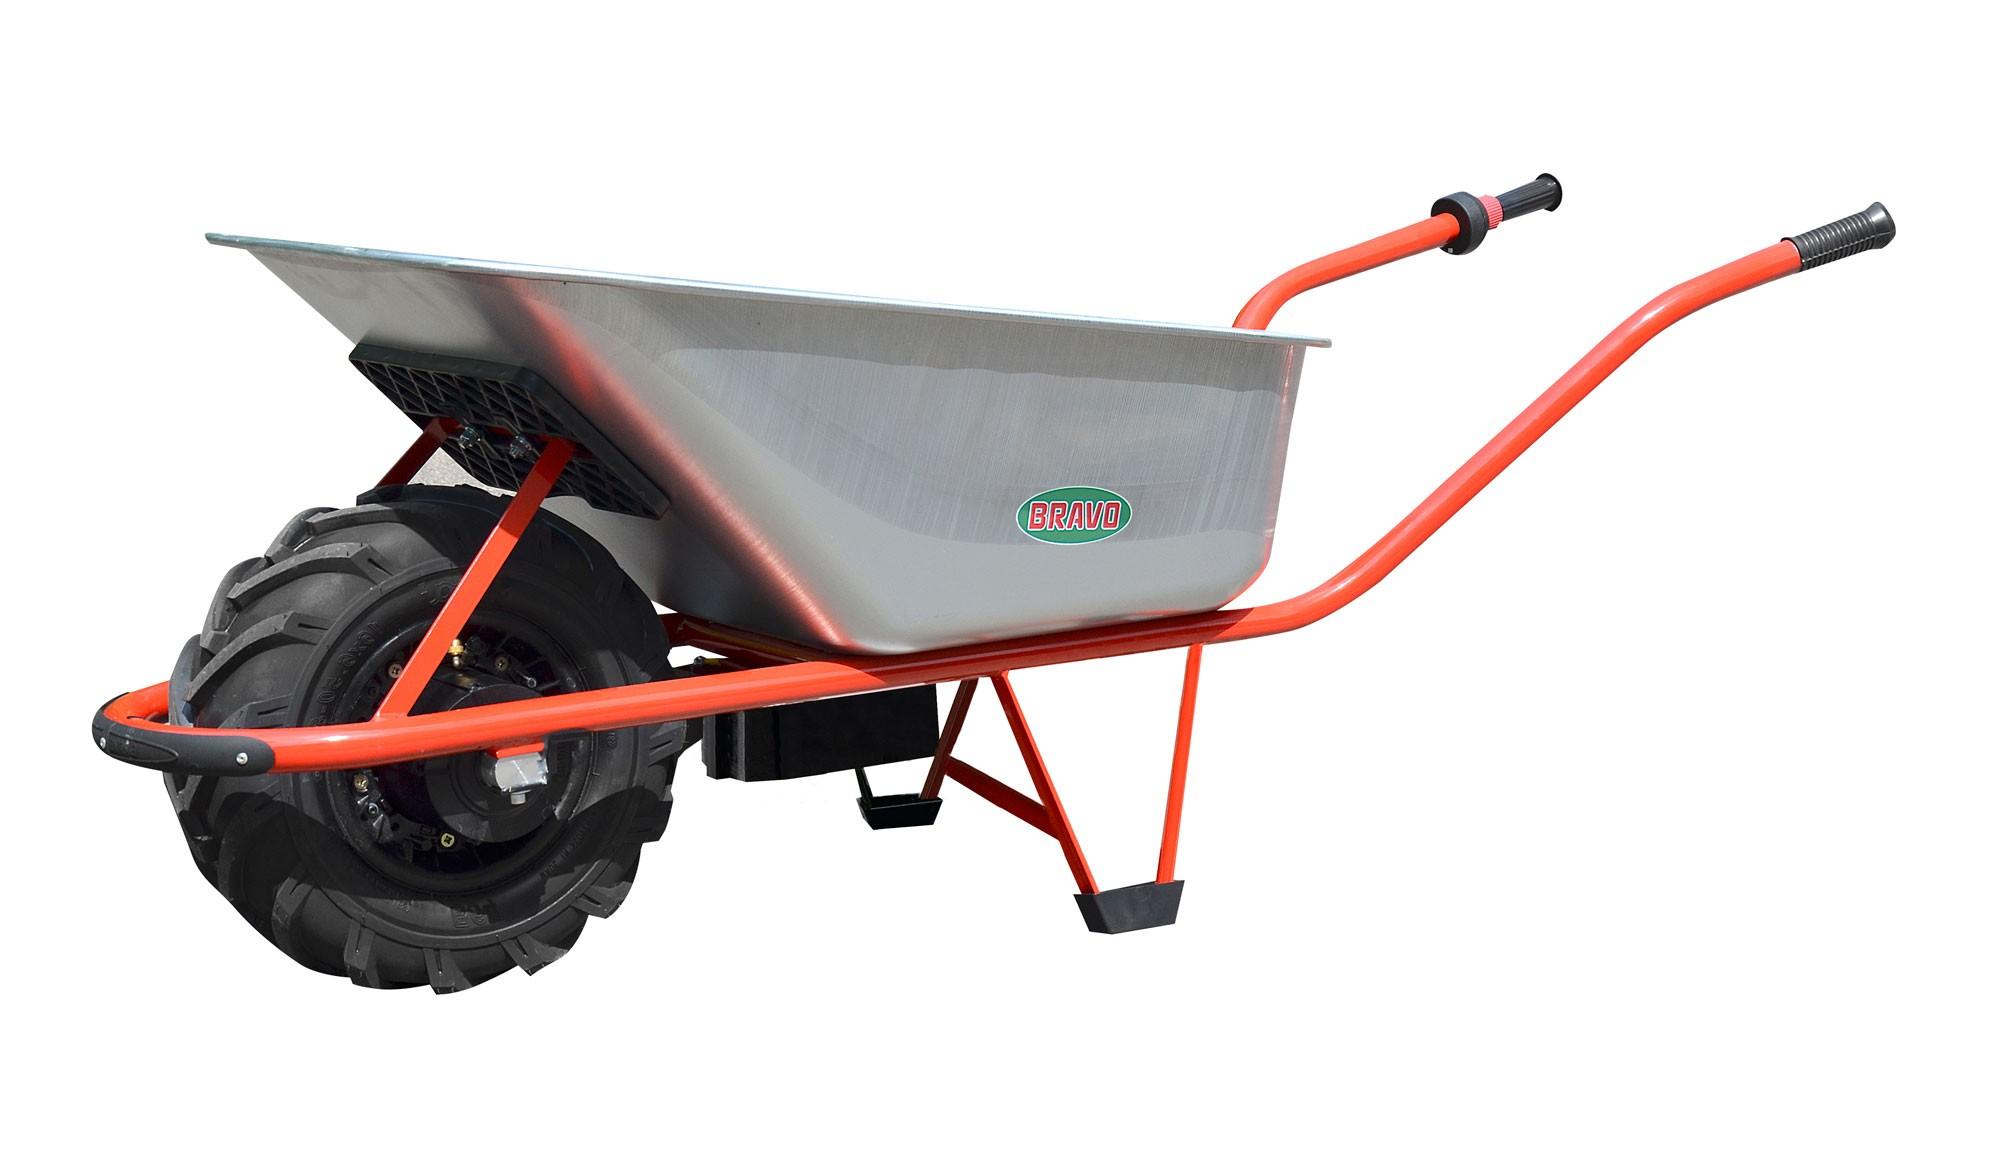 Elektro Schubkarre MOTOkarre Power 300 W  100L verzinkt Bild 1